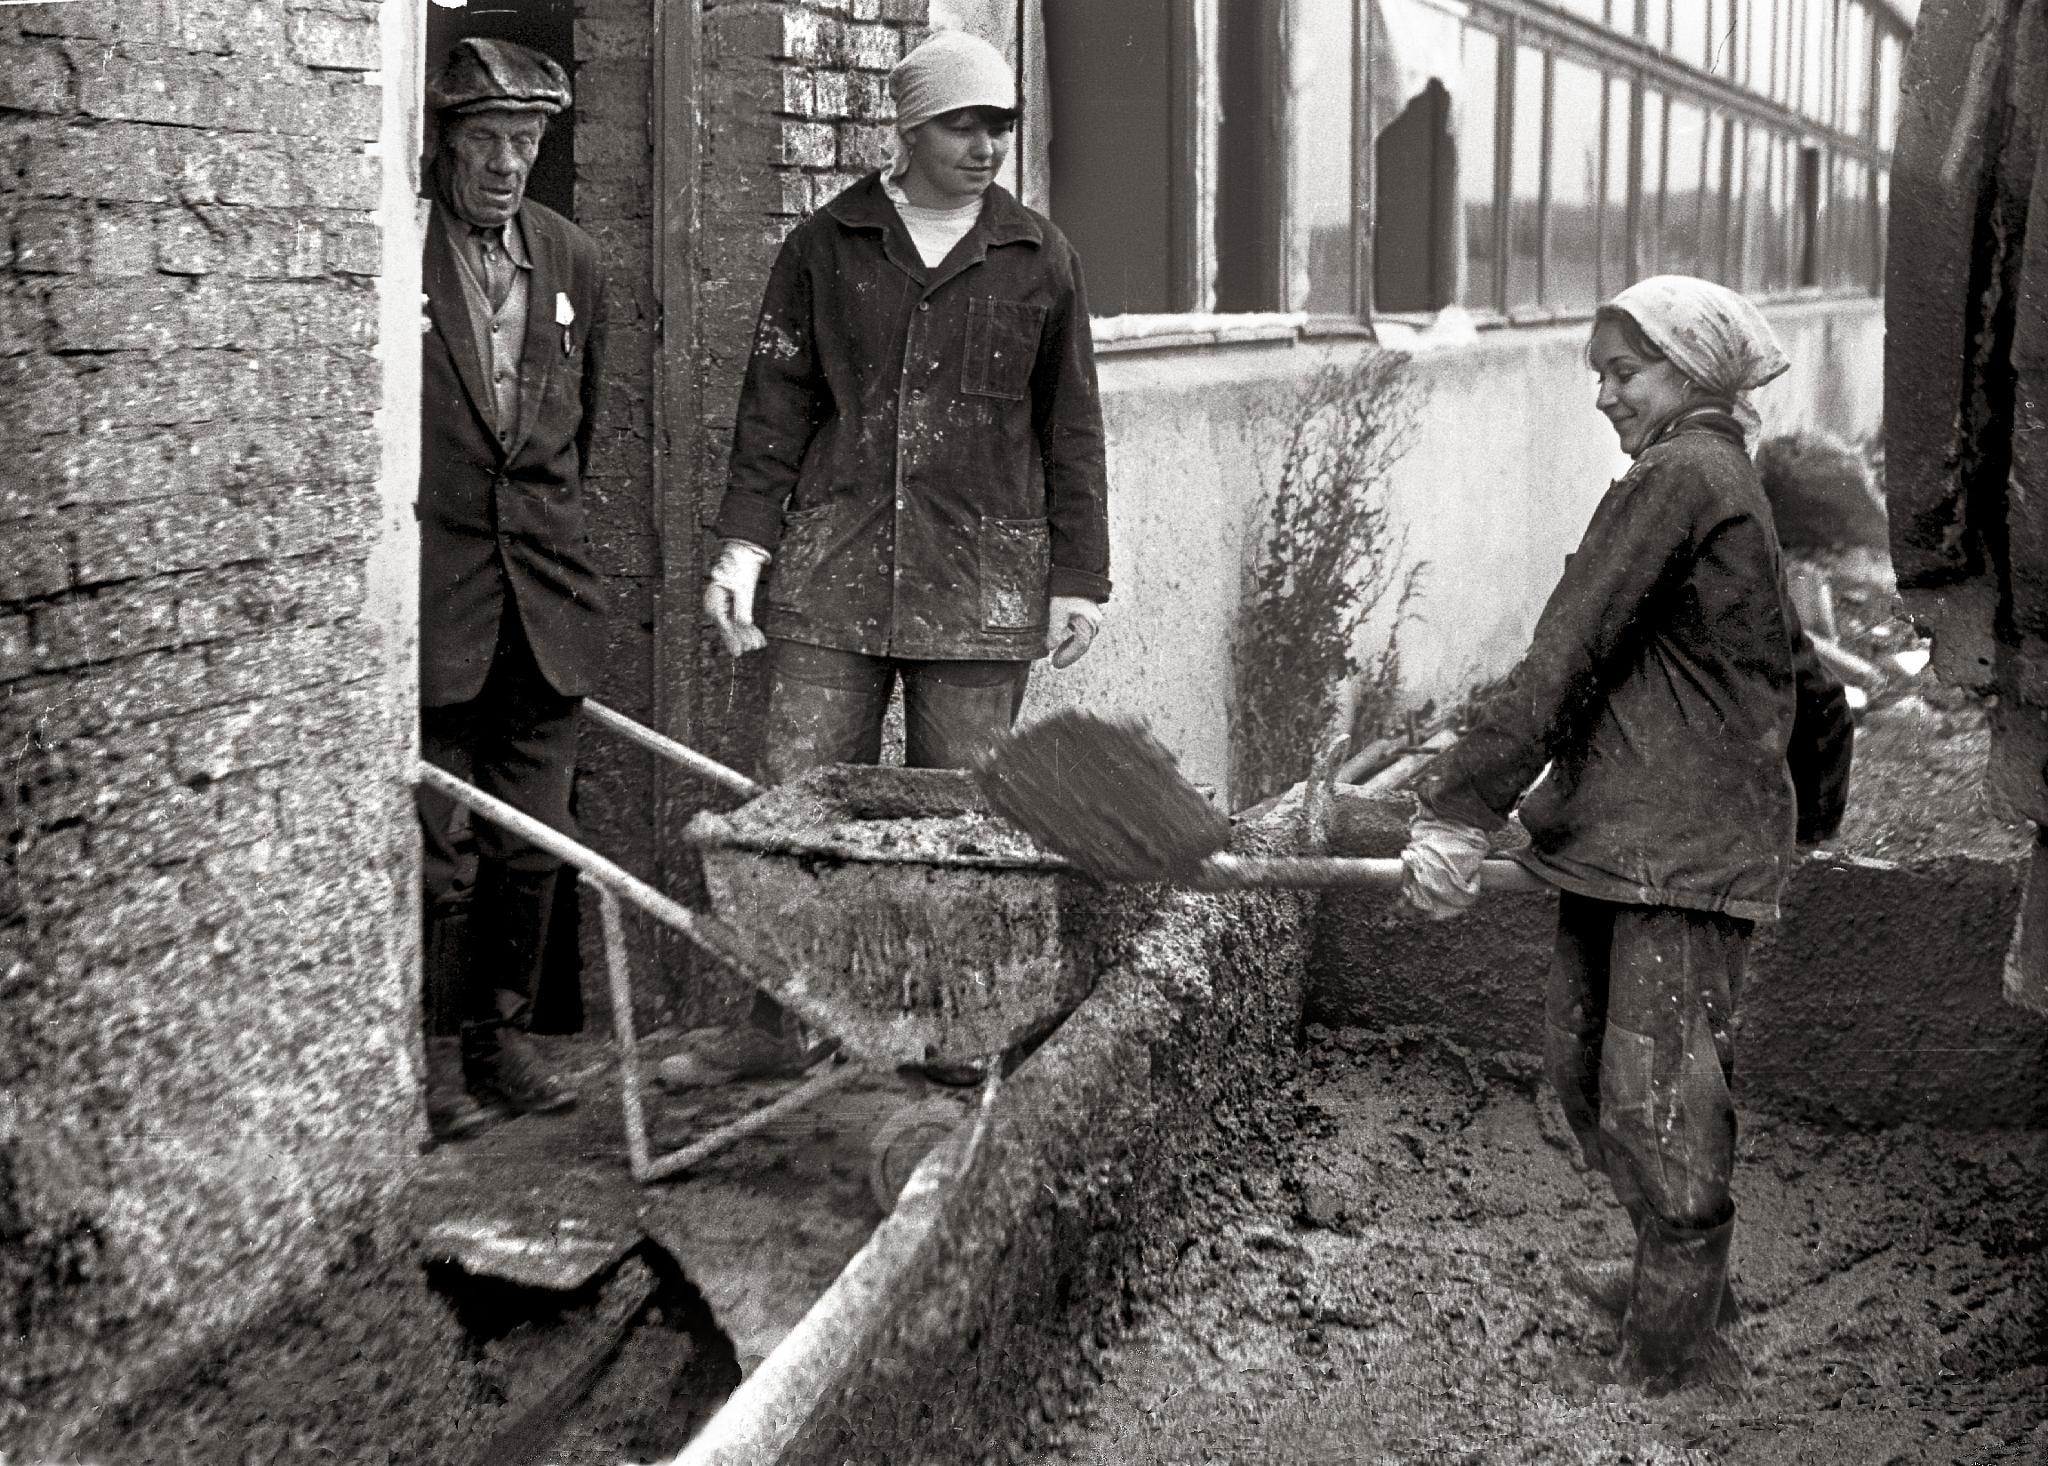 Soviet students build super-pig-breeding farm by Сергей Юрьев